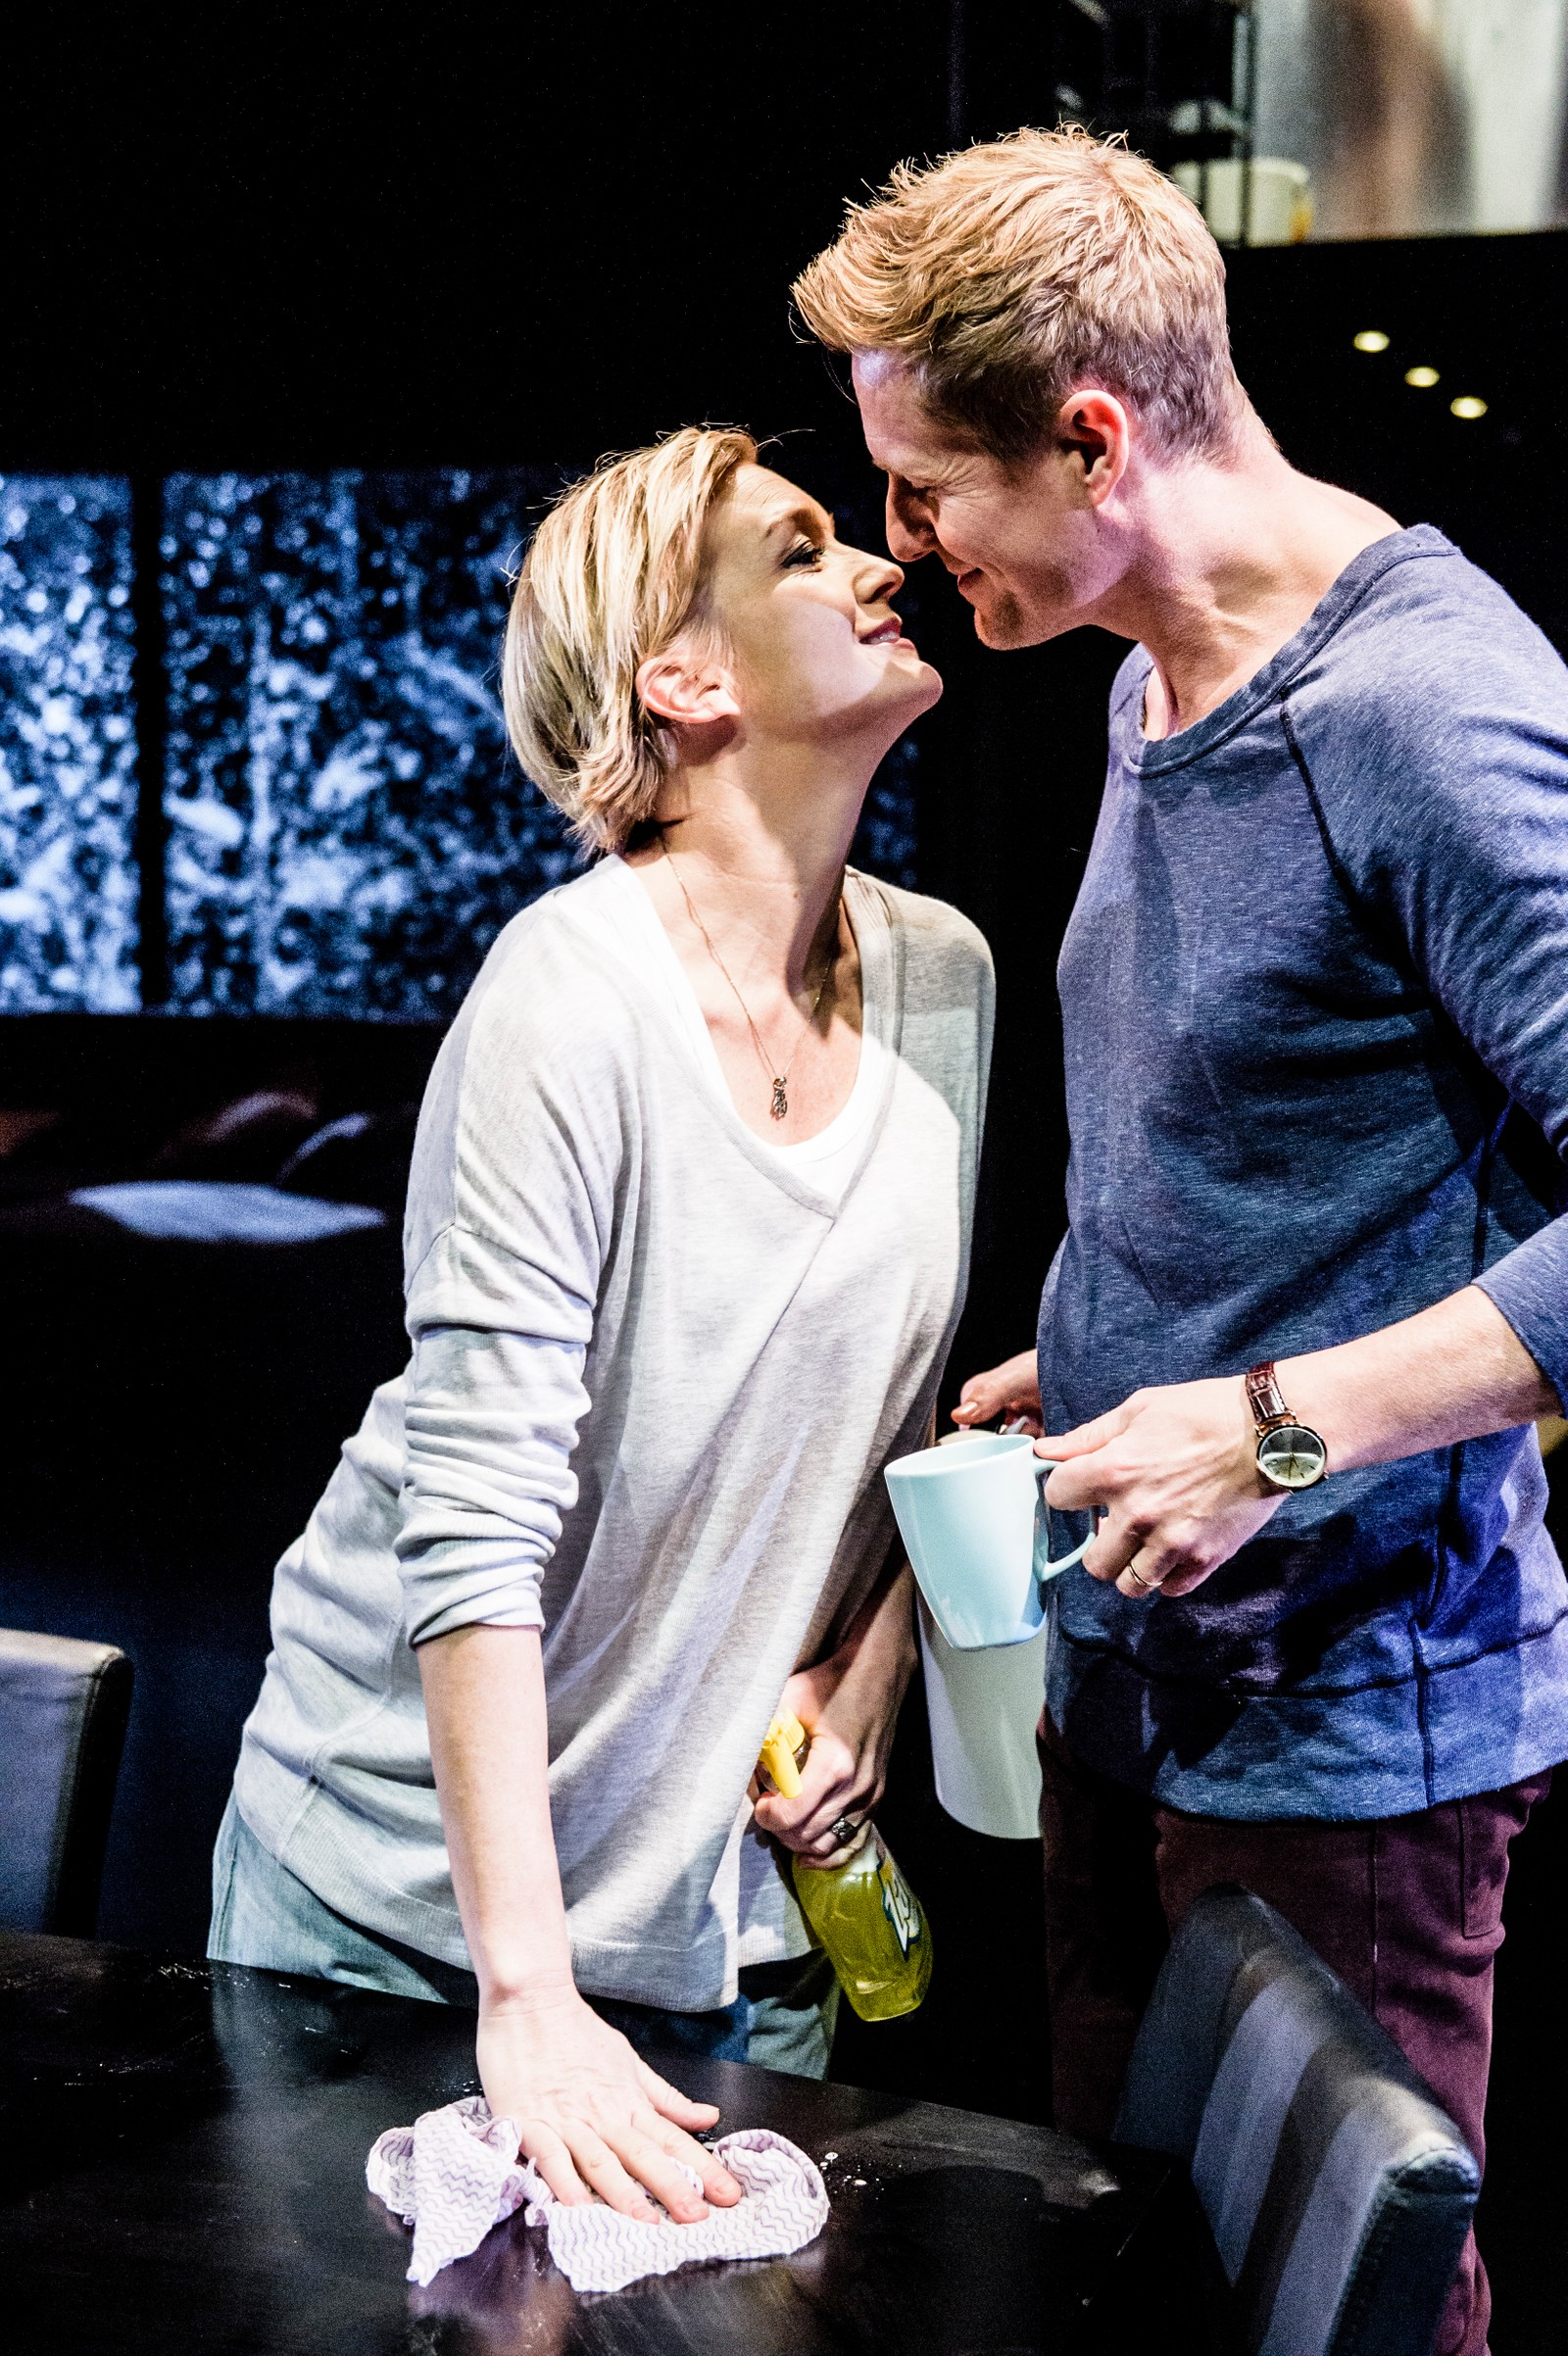 SCENER FRA ET EKTESKAP: Ingvild (Ulrikke Hansen Døvigen) og Bjørn (Frode Winther) er ekteparet som har kjørt seg fast i et dårlig spor.